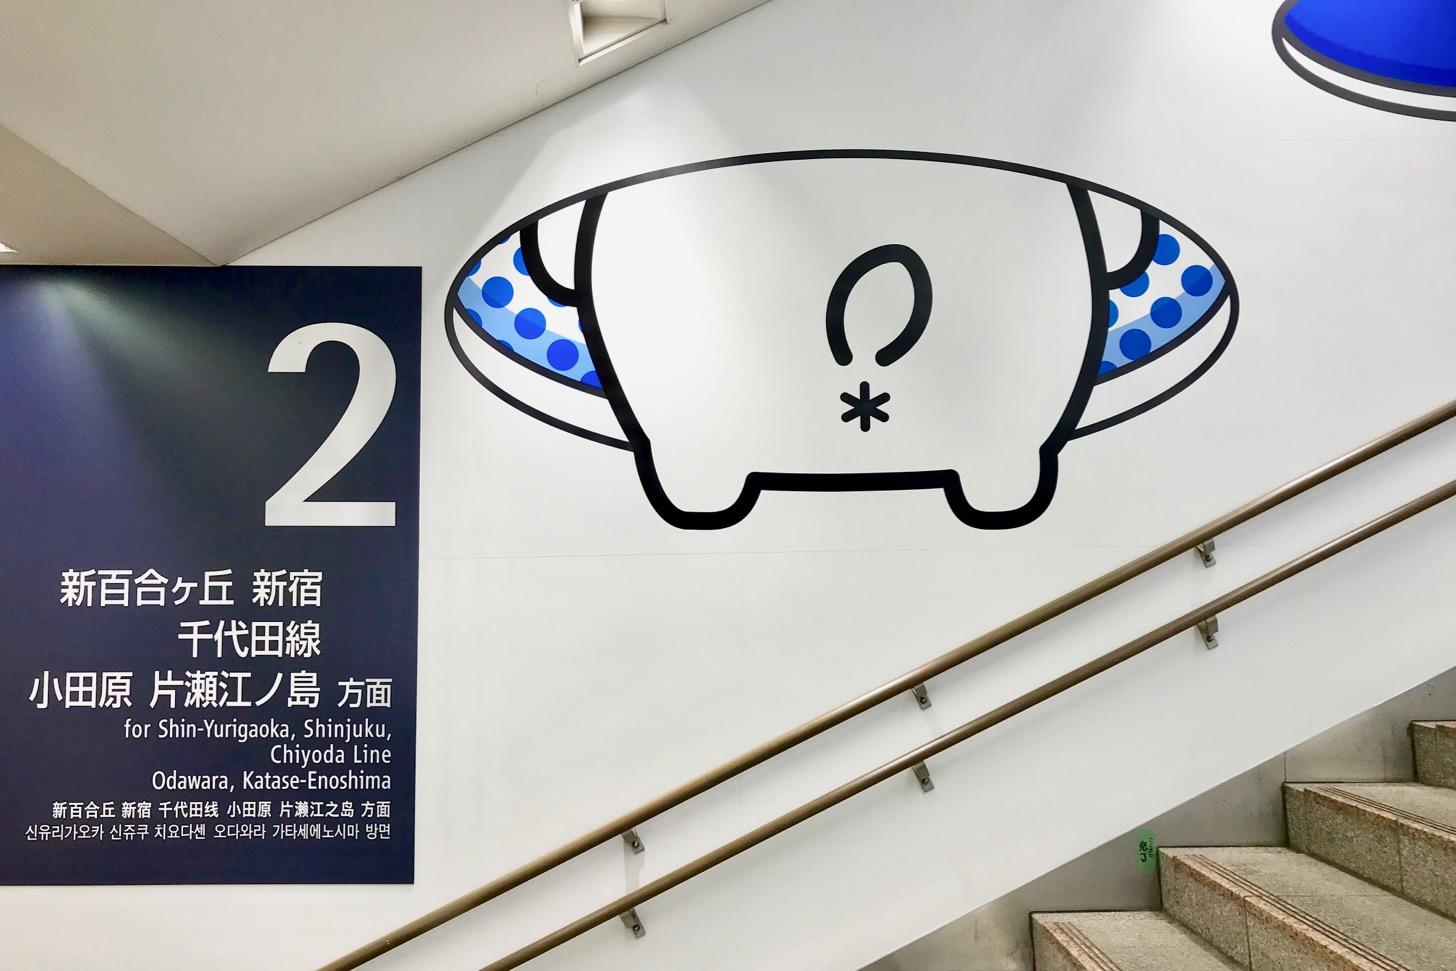 2番線(新宿方面)のプラットホームに上がる階段はポムポムプリンのかわいいおしりも